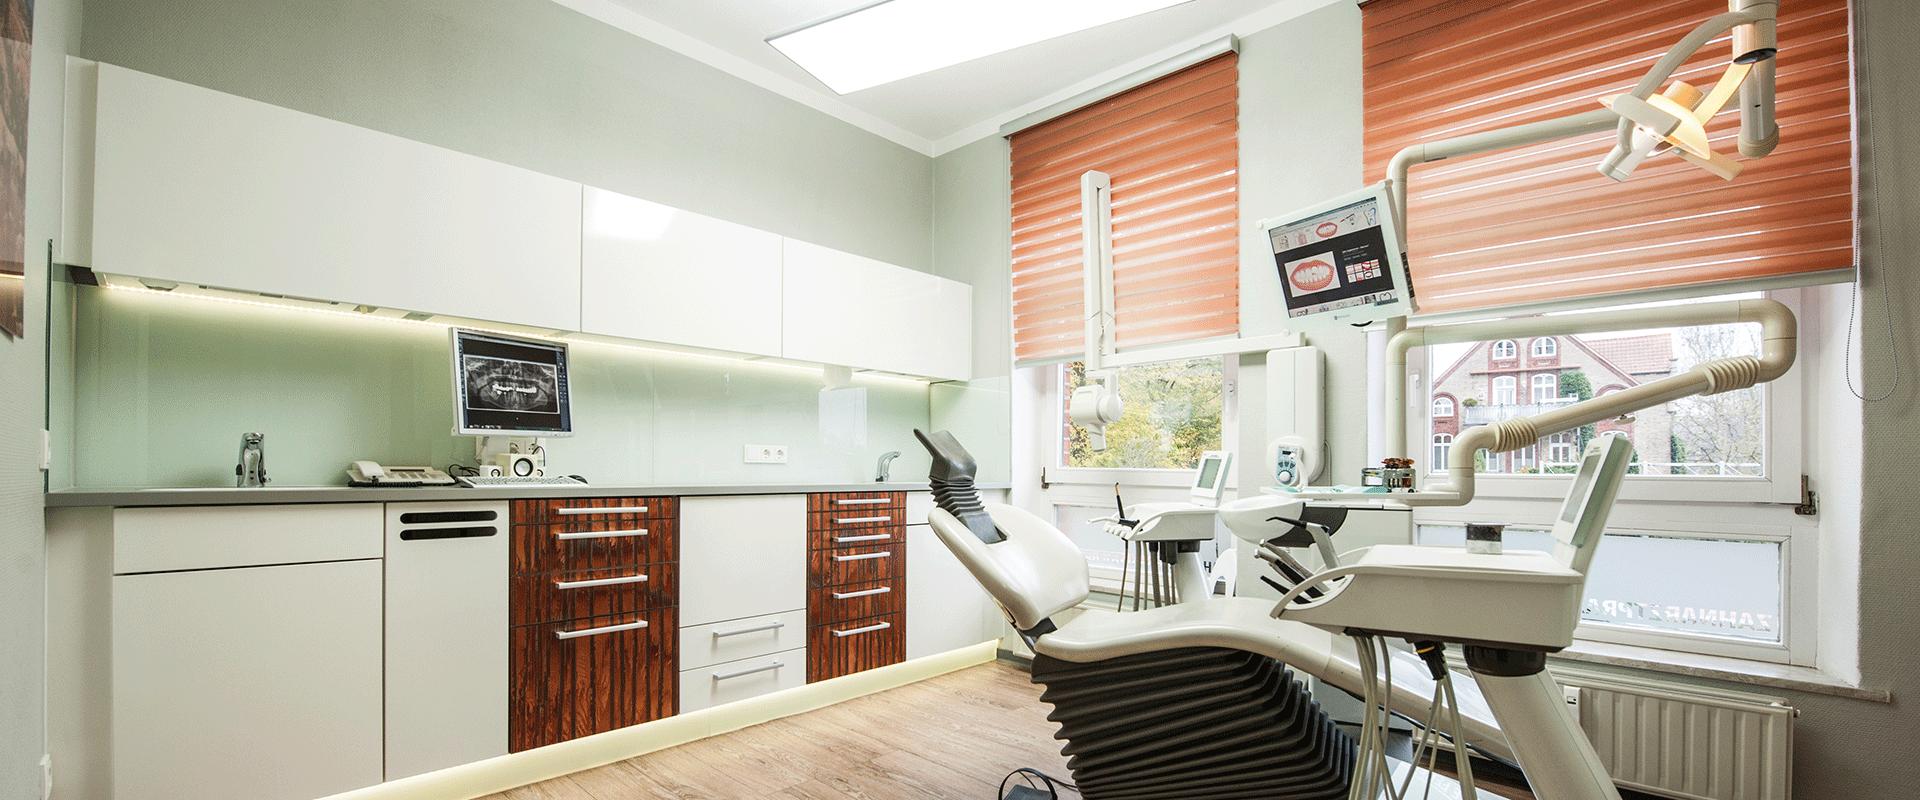 Willkommen in unserer Zahnarztpraxis